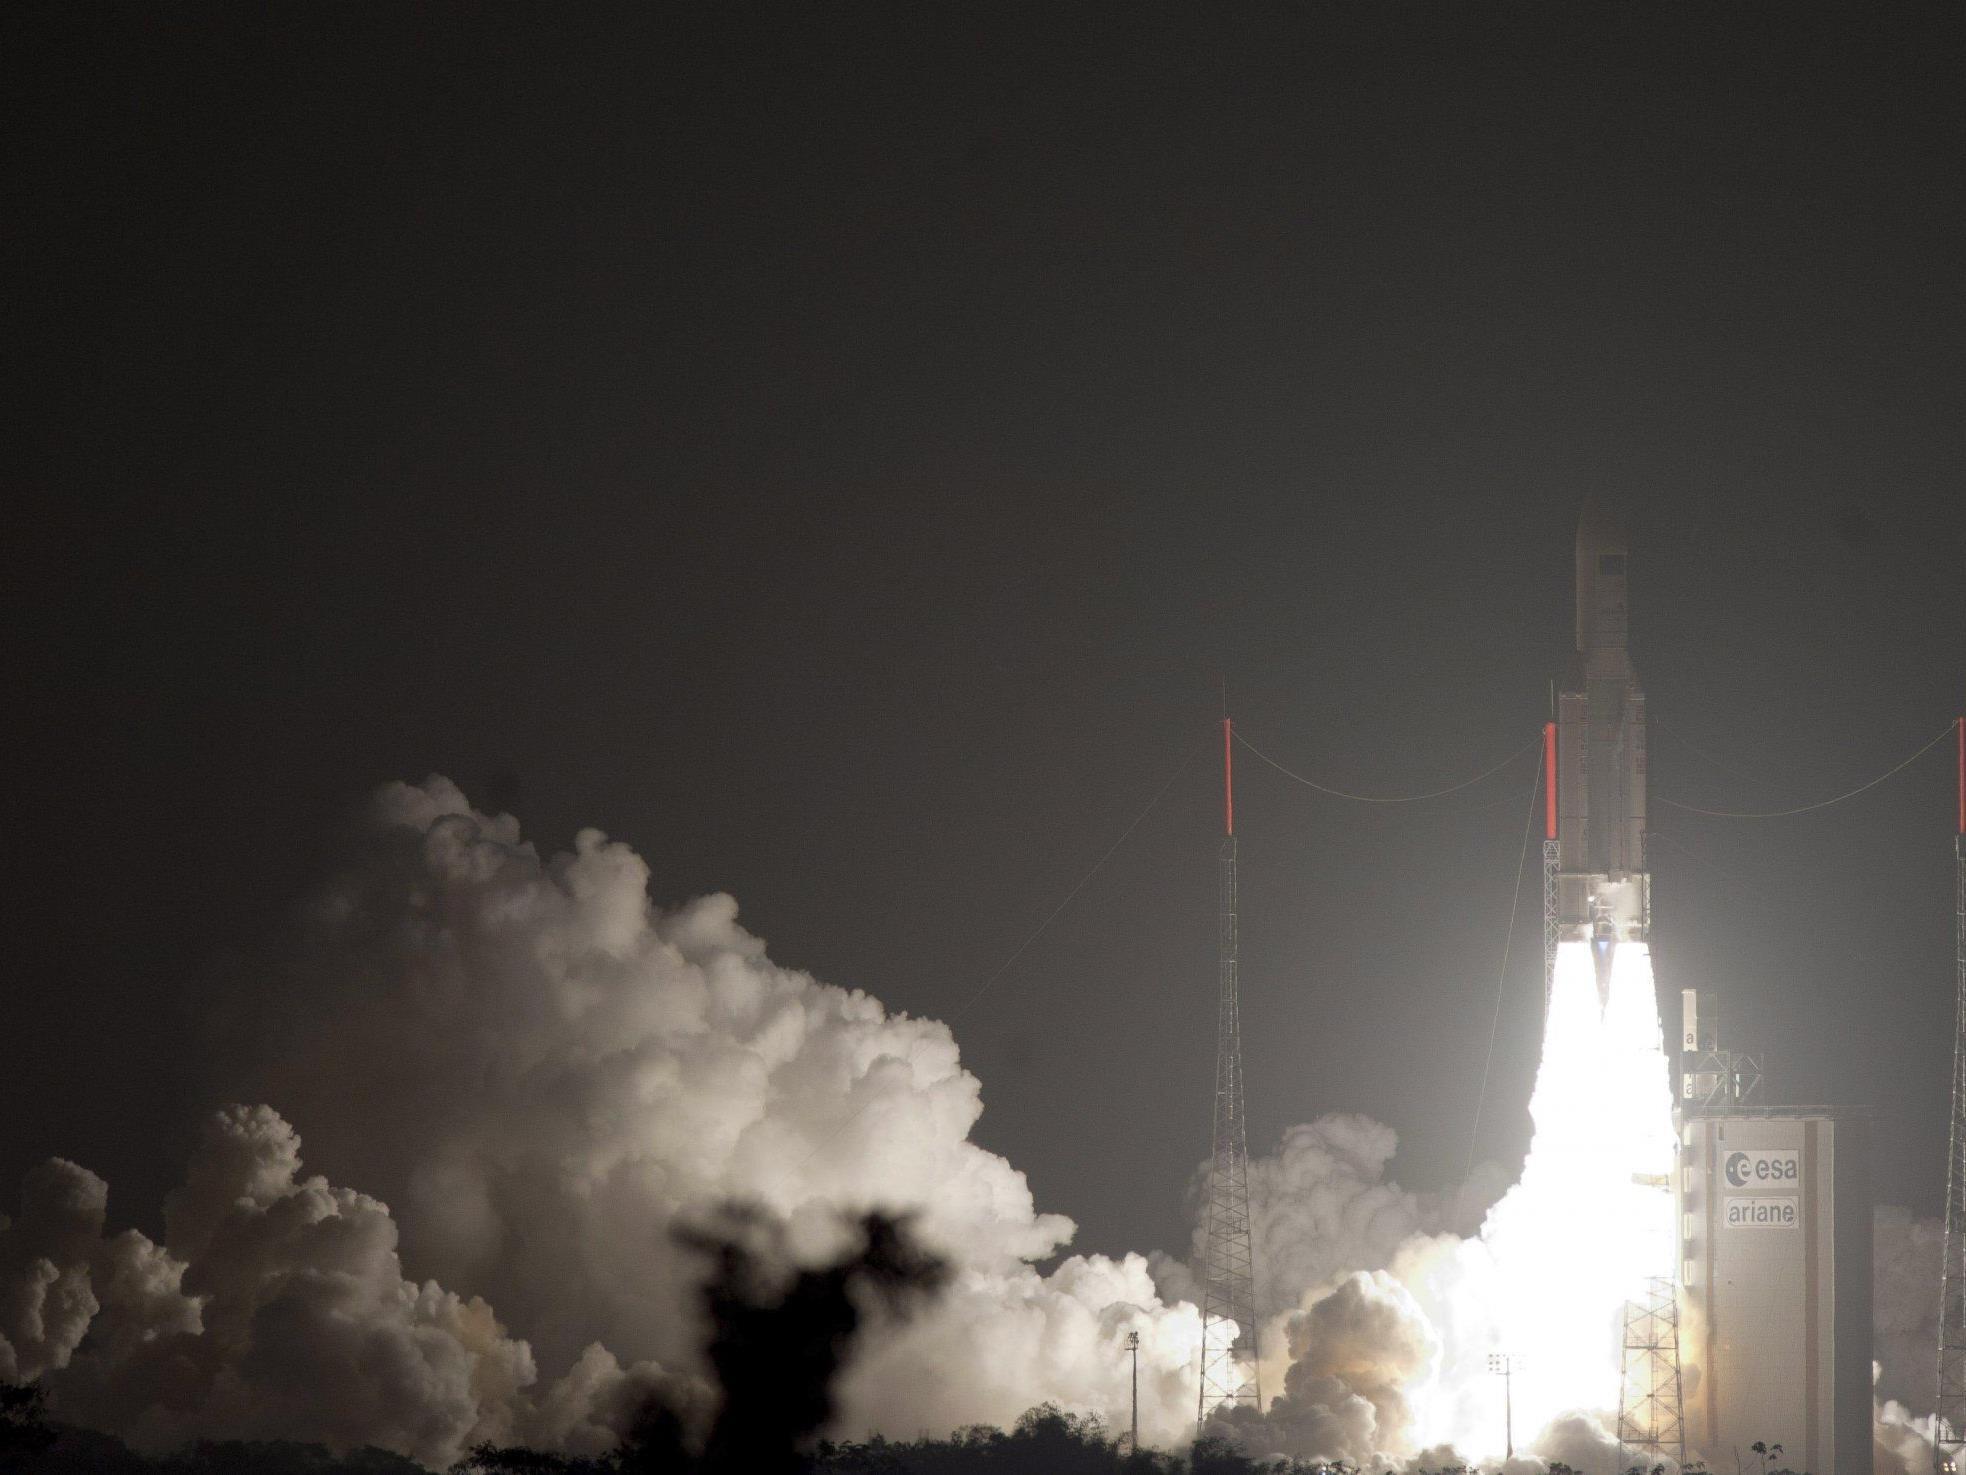 Das unbemannte Versorgungsschiff hob in der Früh an Bord einer Ariane 5-Rakete vom Weltraumbahnhof Kourou in Französisch-Guayana ab.